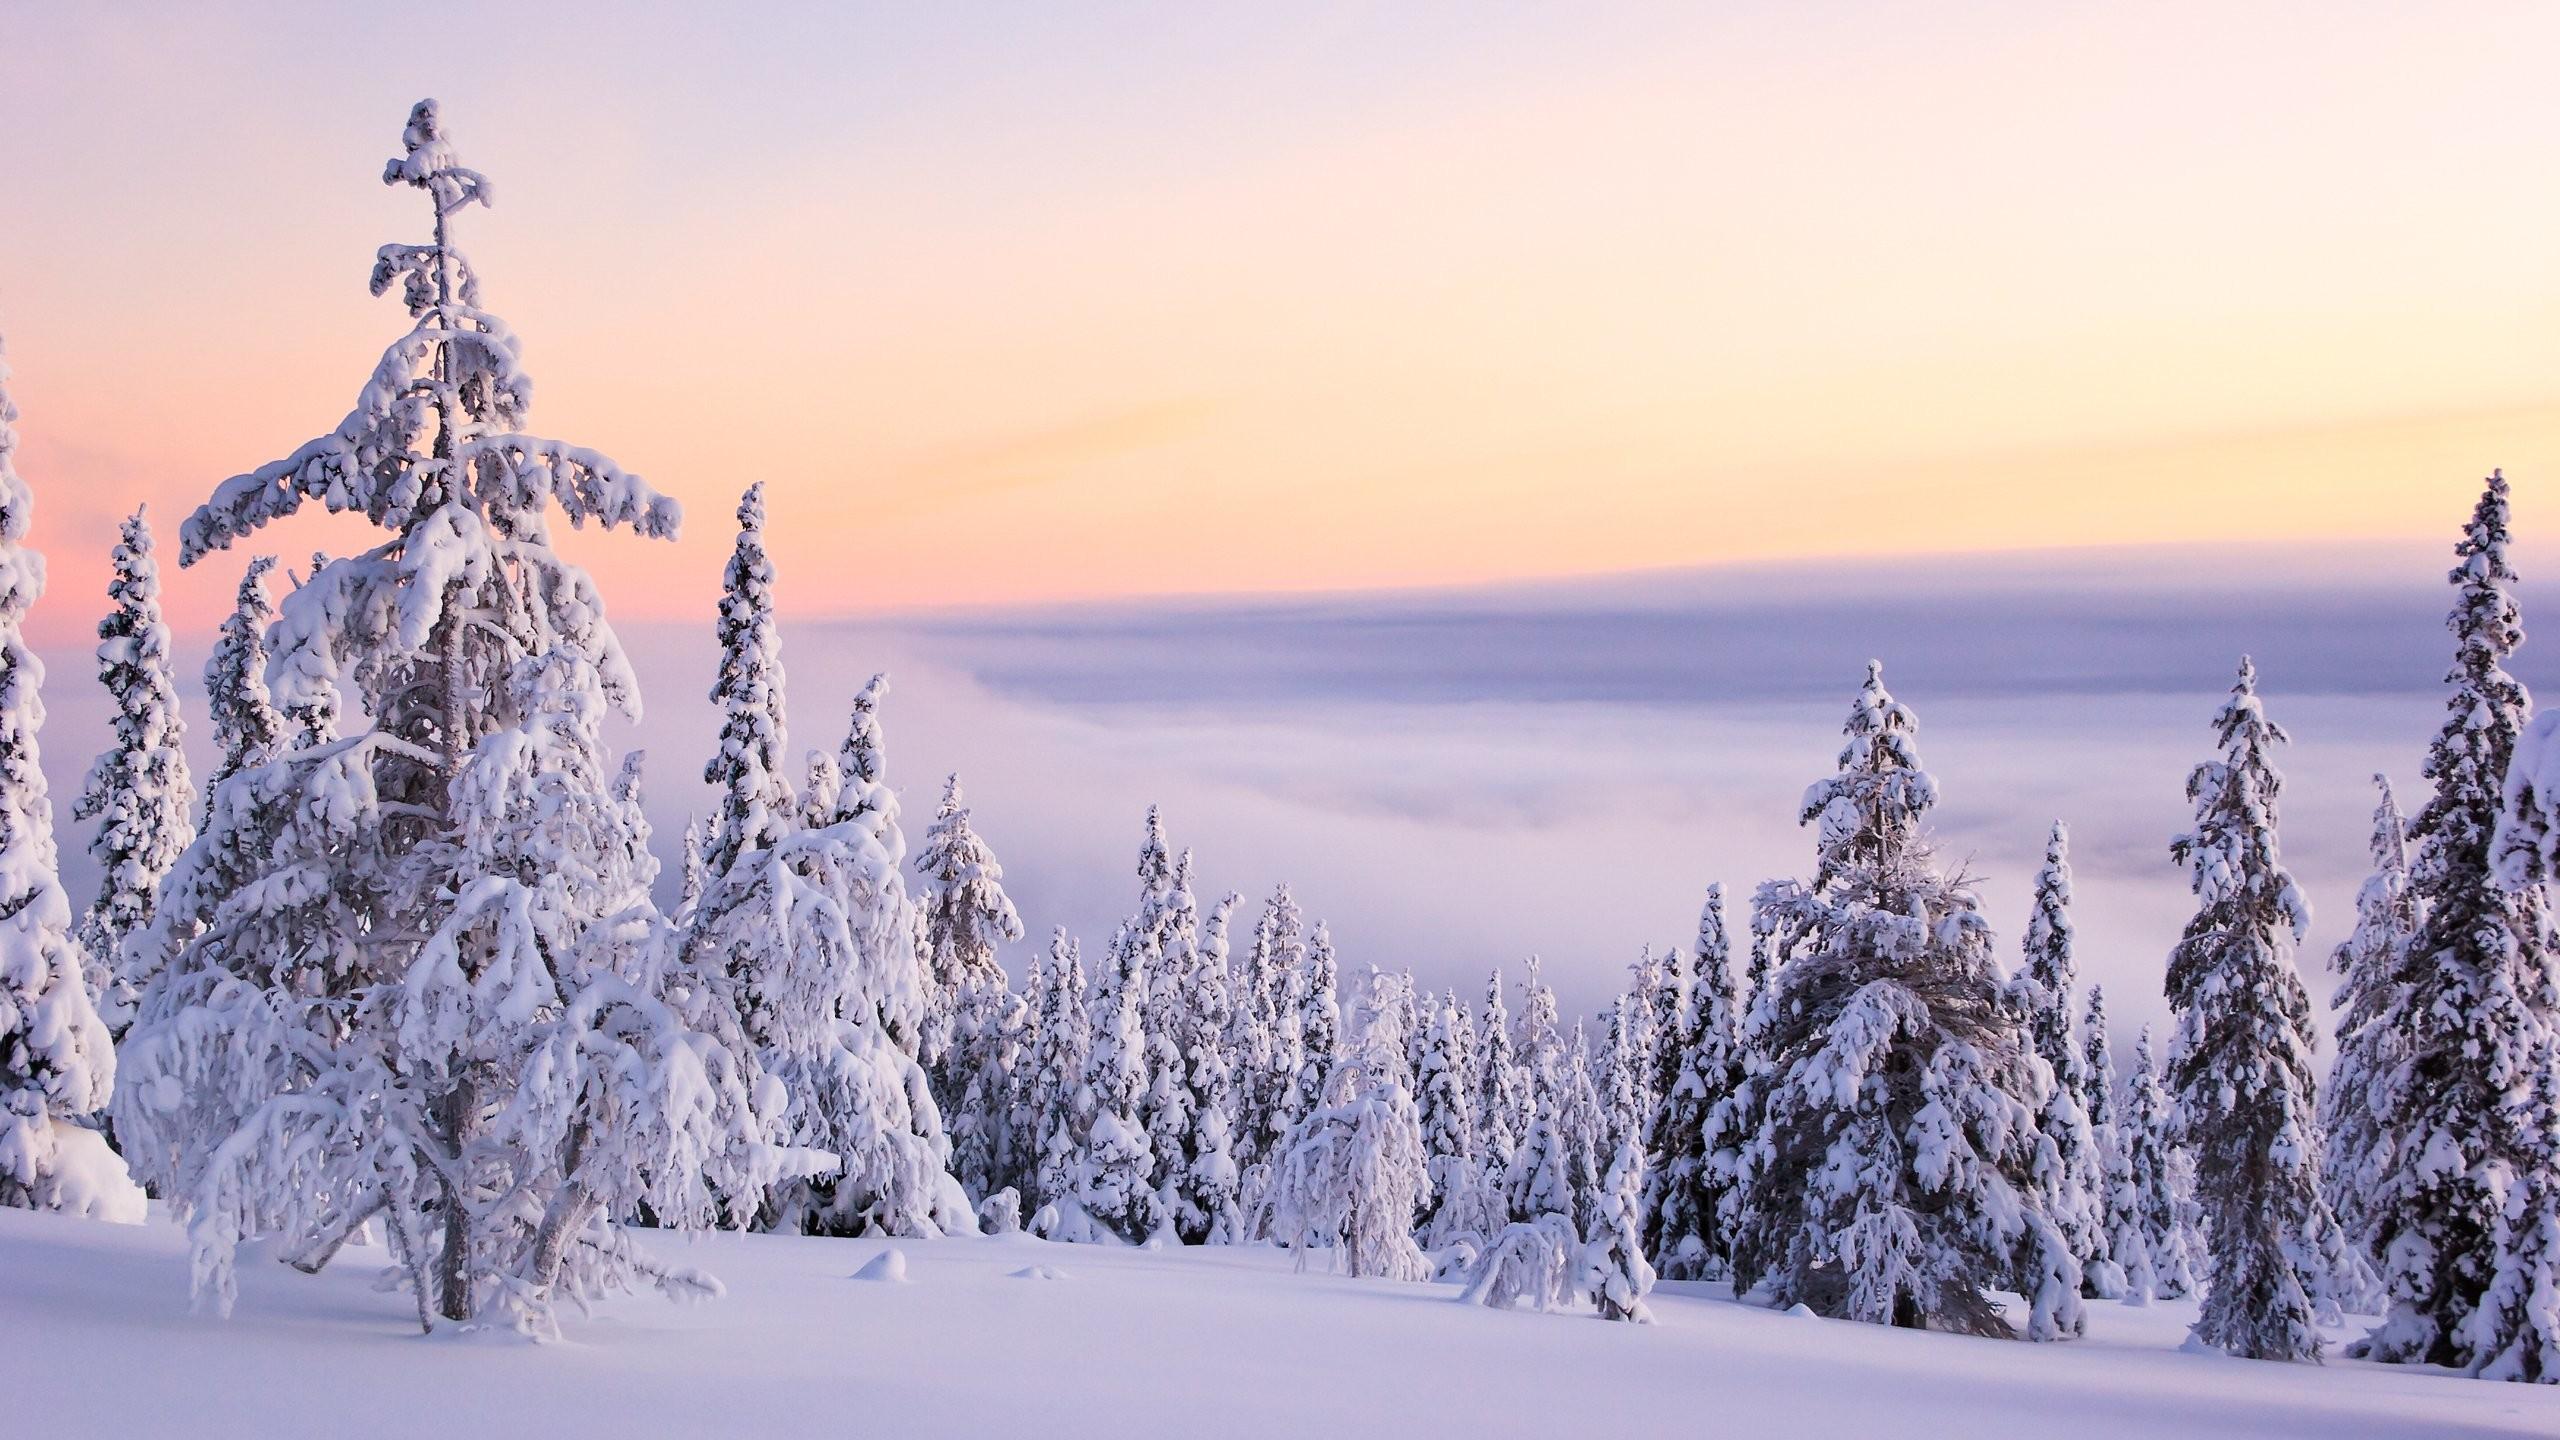 Desktop background for mac for Desktop gratis inverno